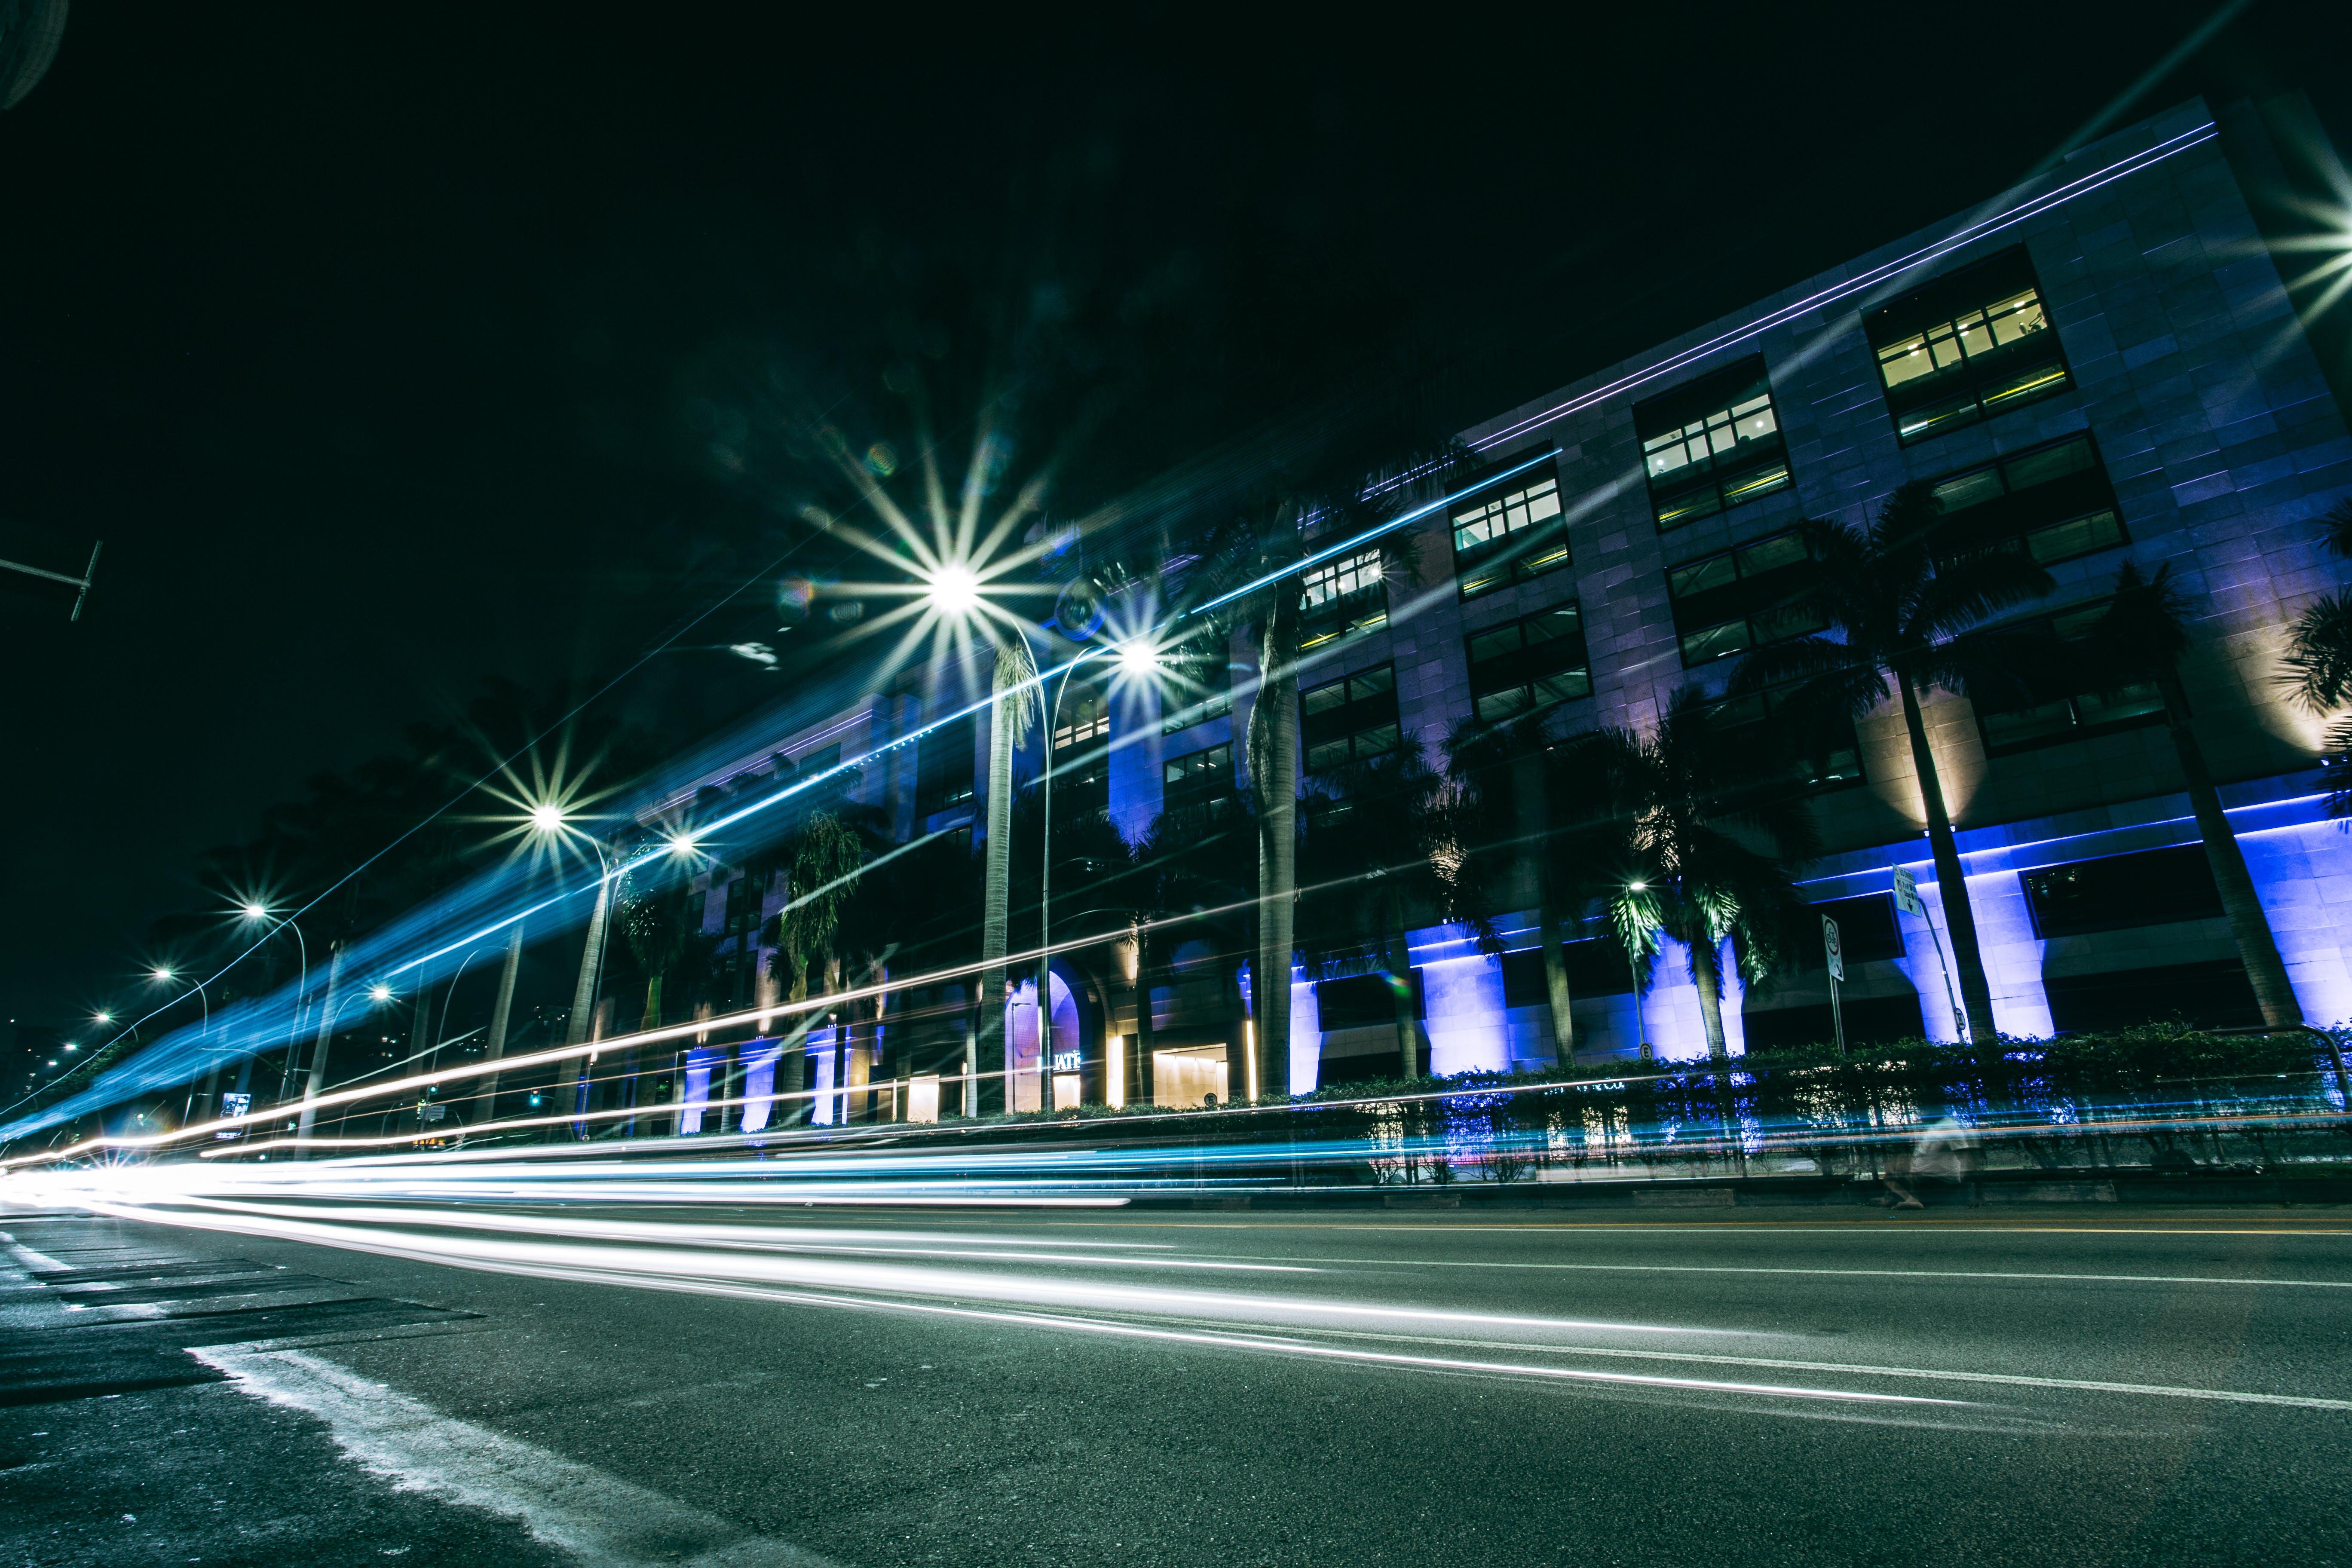 거리, 교통, 긴 노출, 도시의 무료 스톡 사진